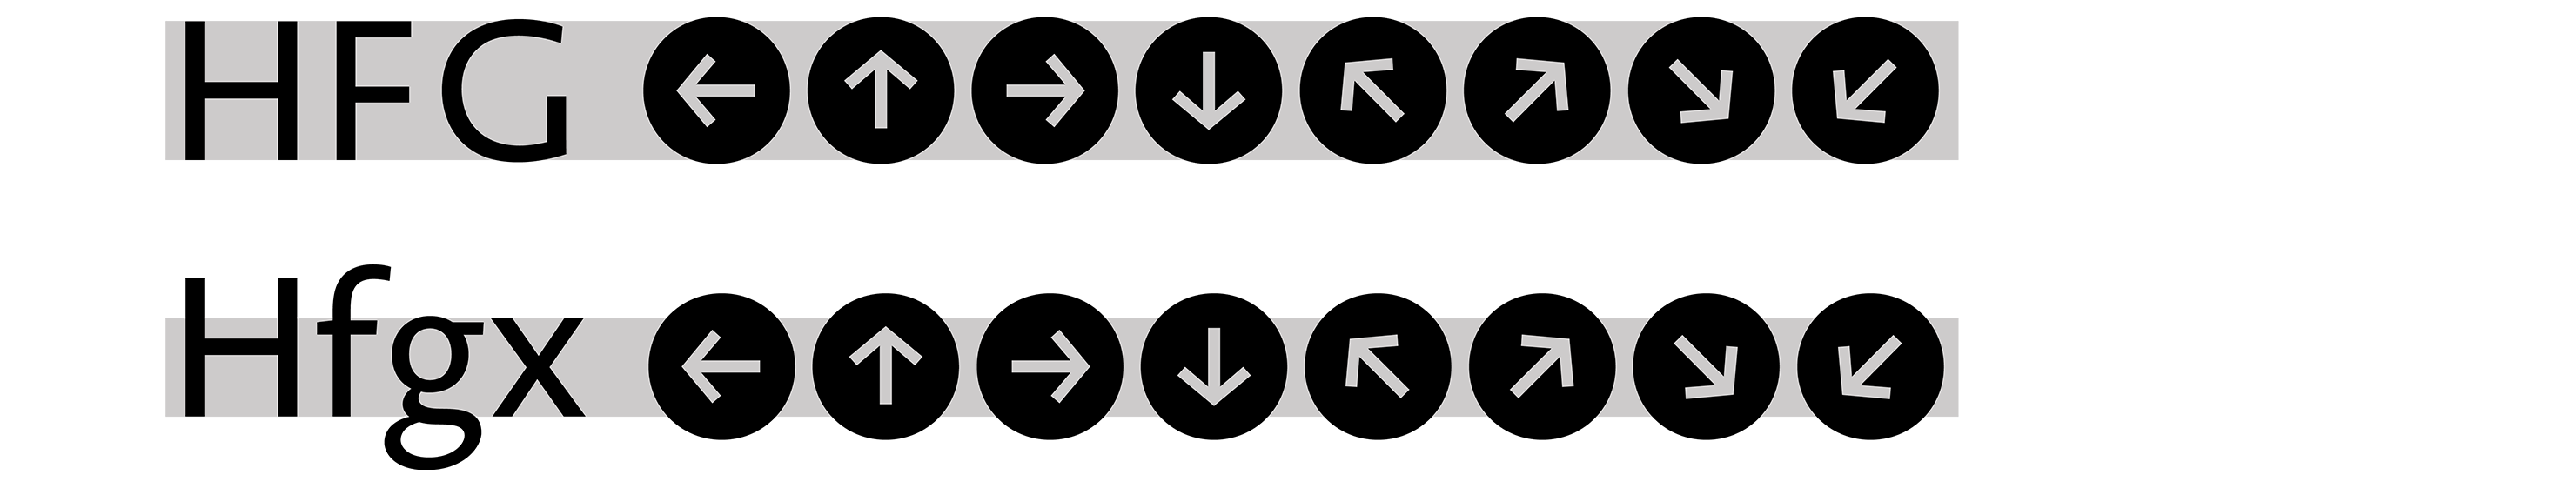 Typeface-Novel-Sans-F25-Atlas-Font-Foundry